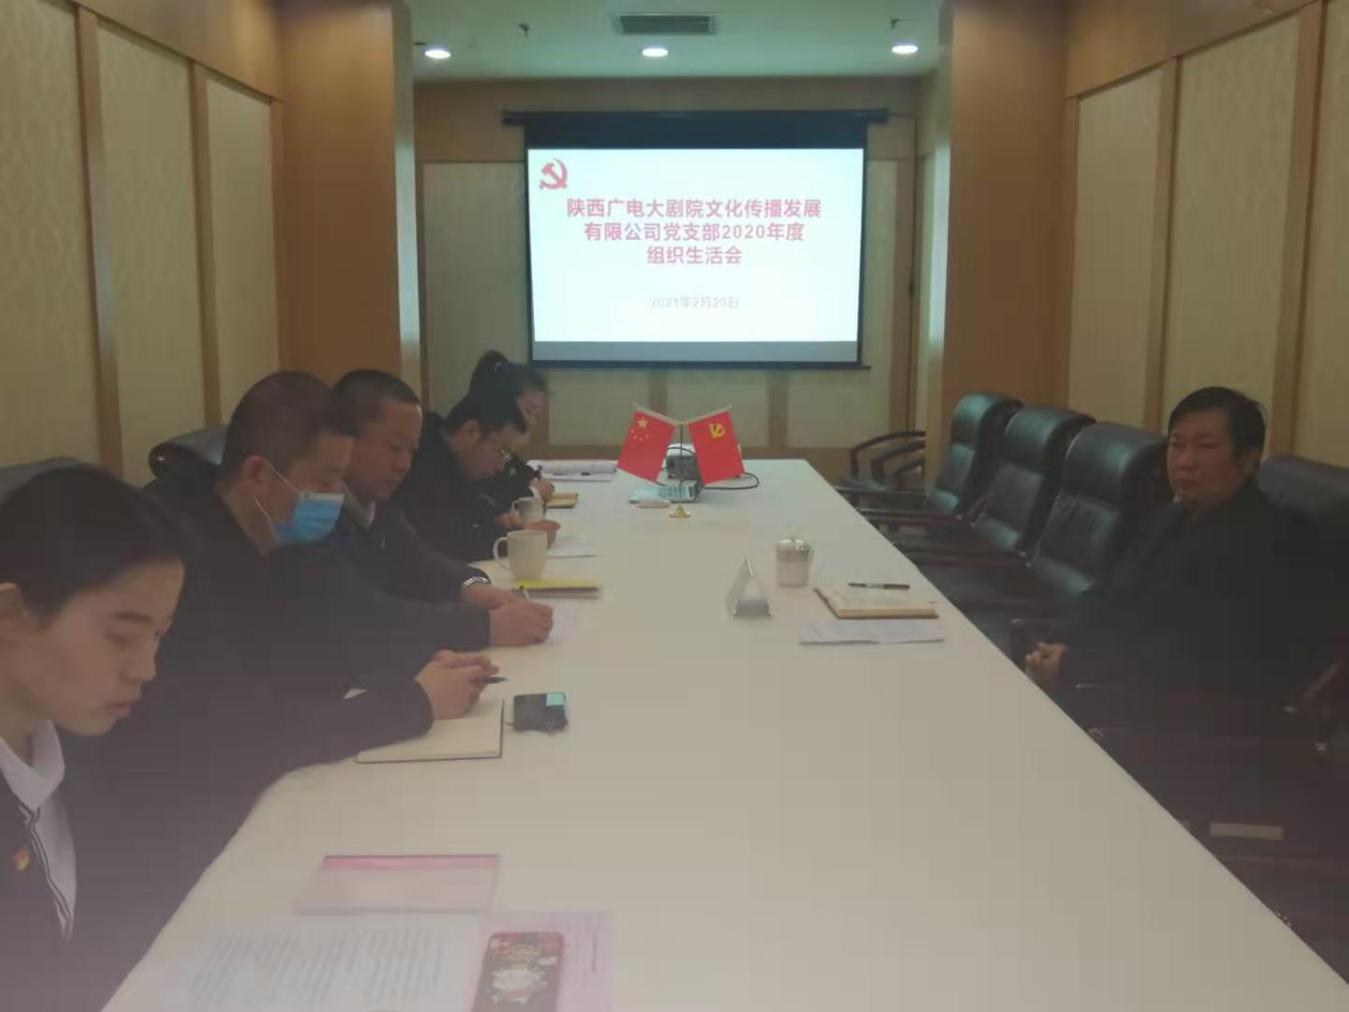 广电大剧院党支部召开2020年度组织生活会